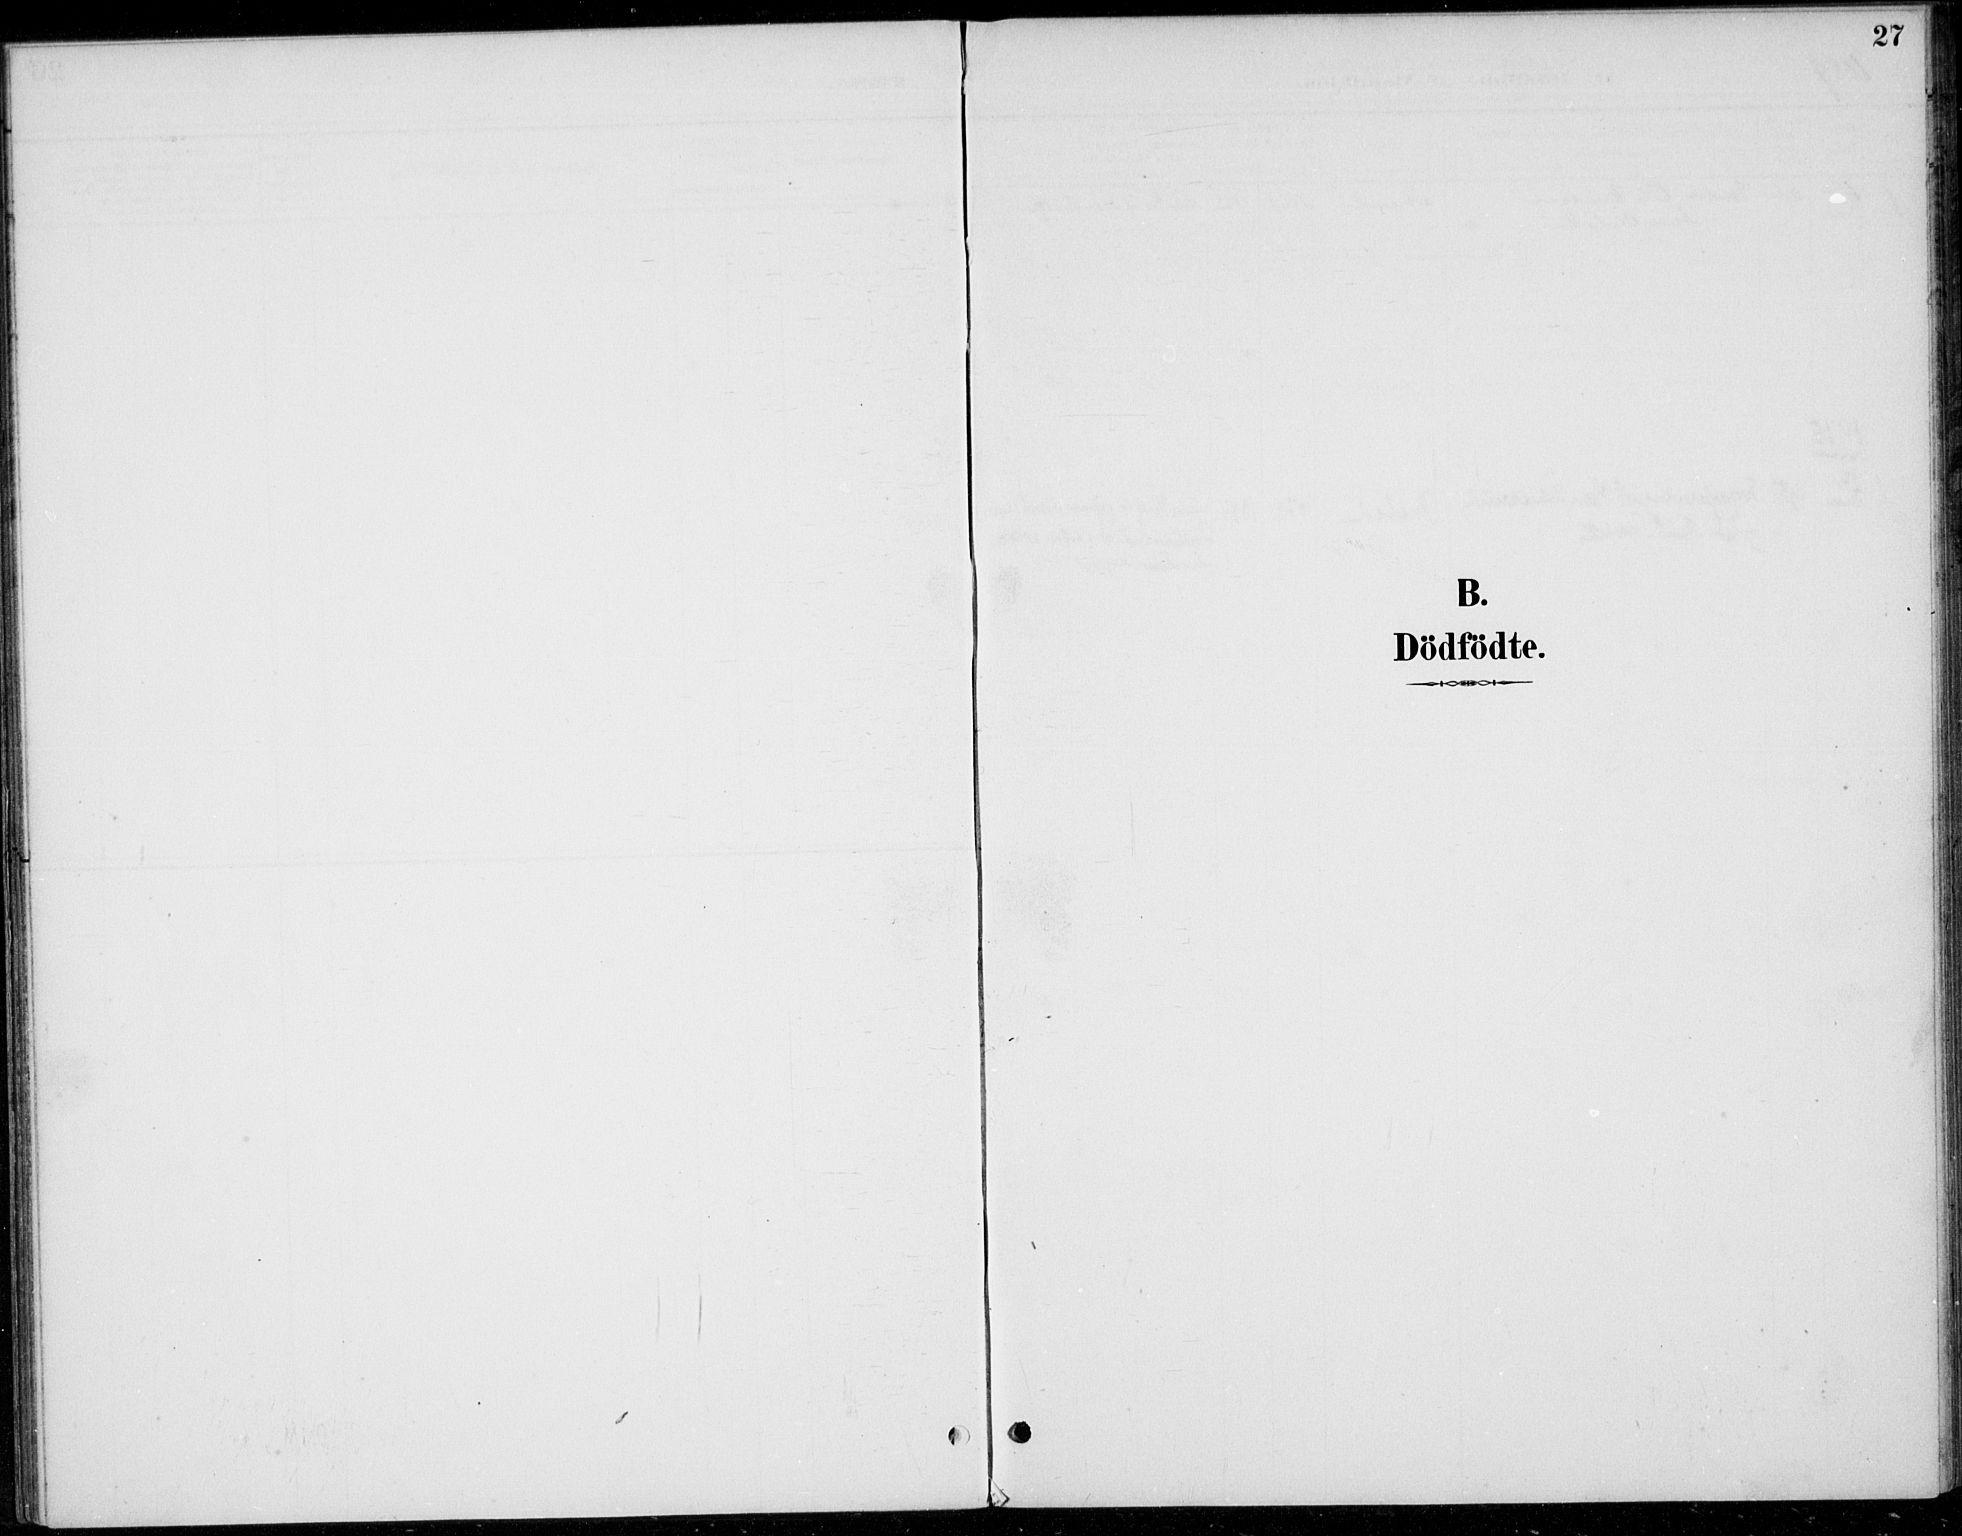 SAH, Øystre Slidre prestekontor, Ministerialbok nr. 5, 1887-1916, s. 27